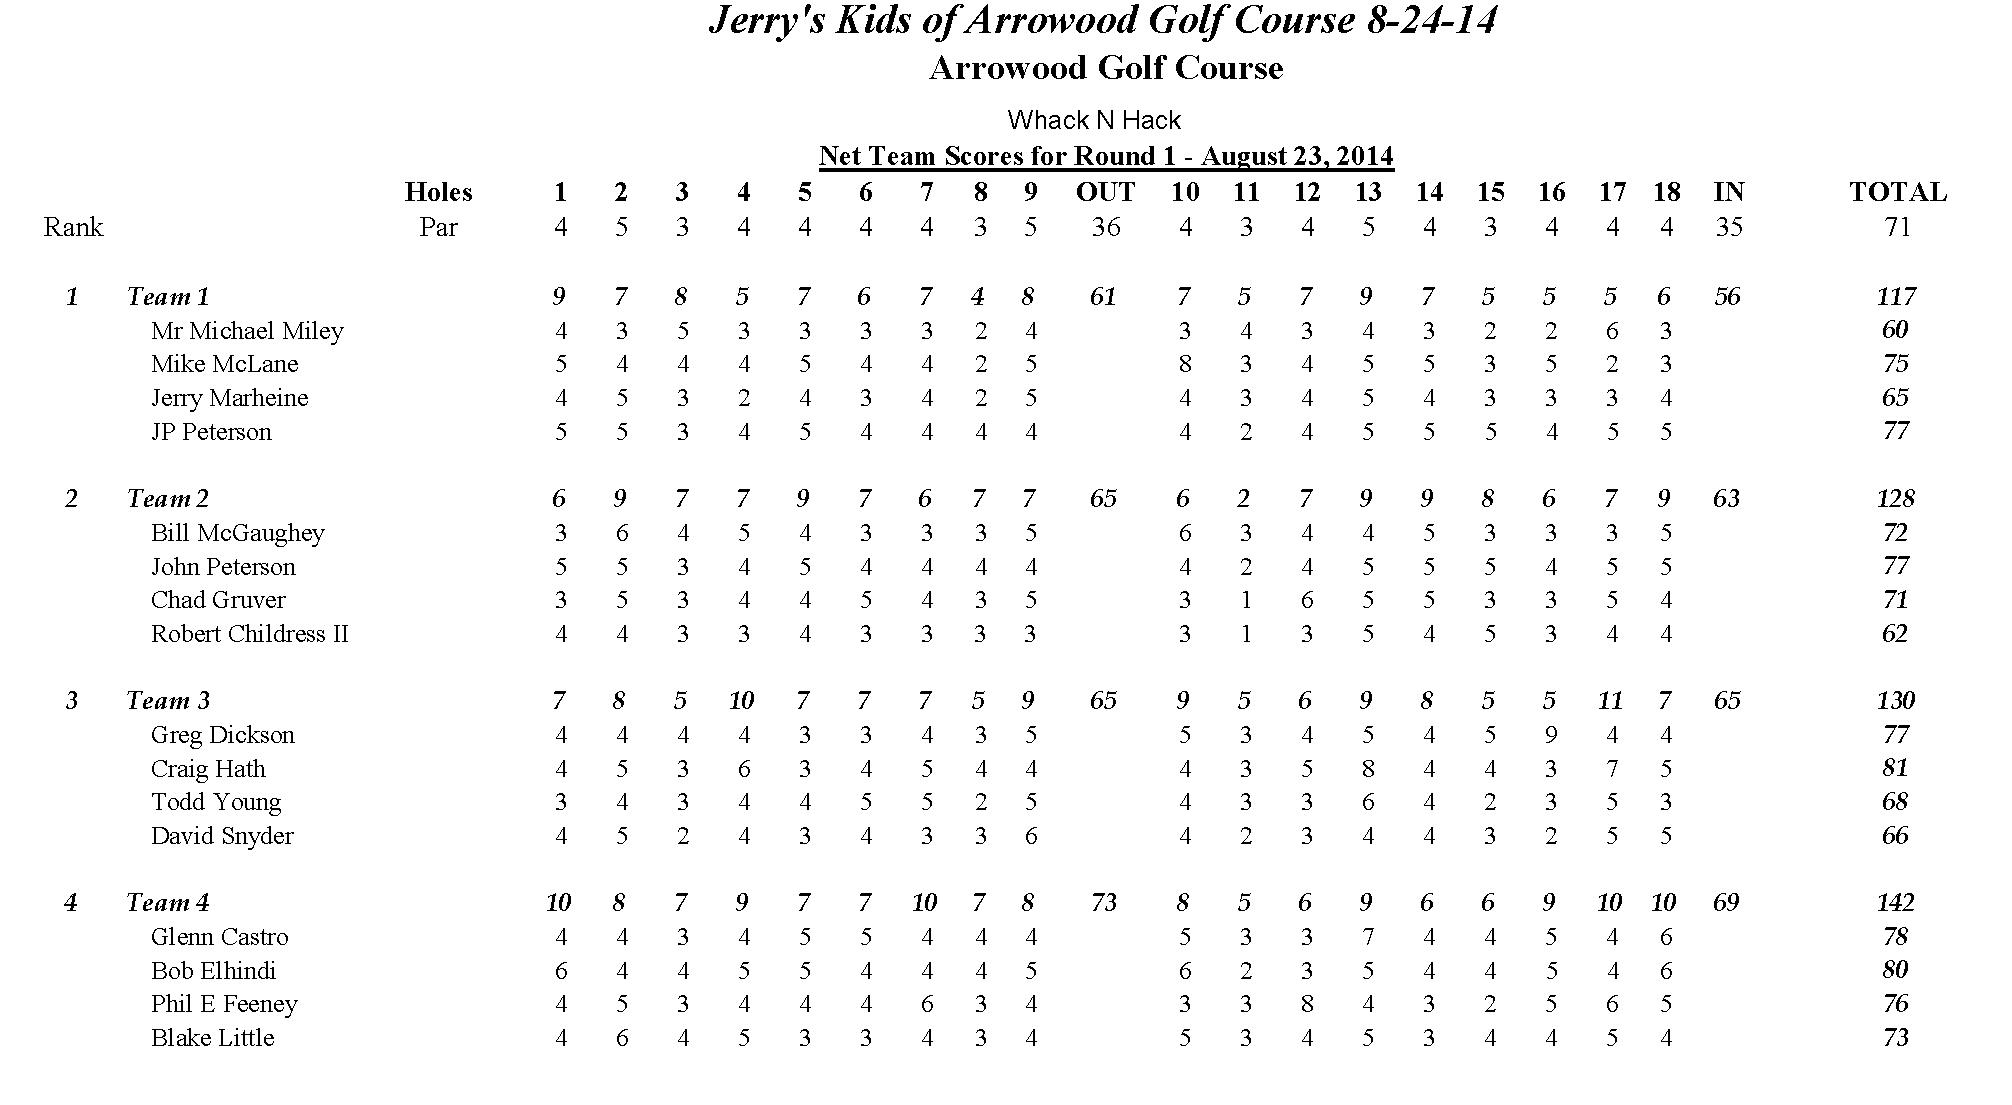 JKOA 8-24-14